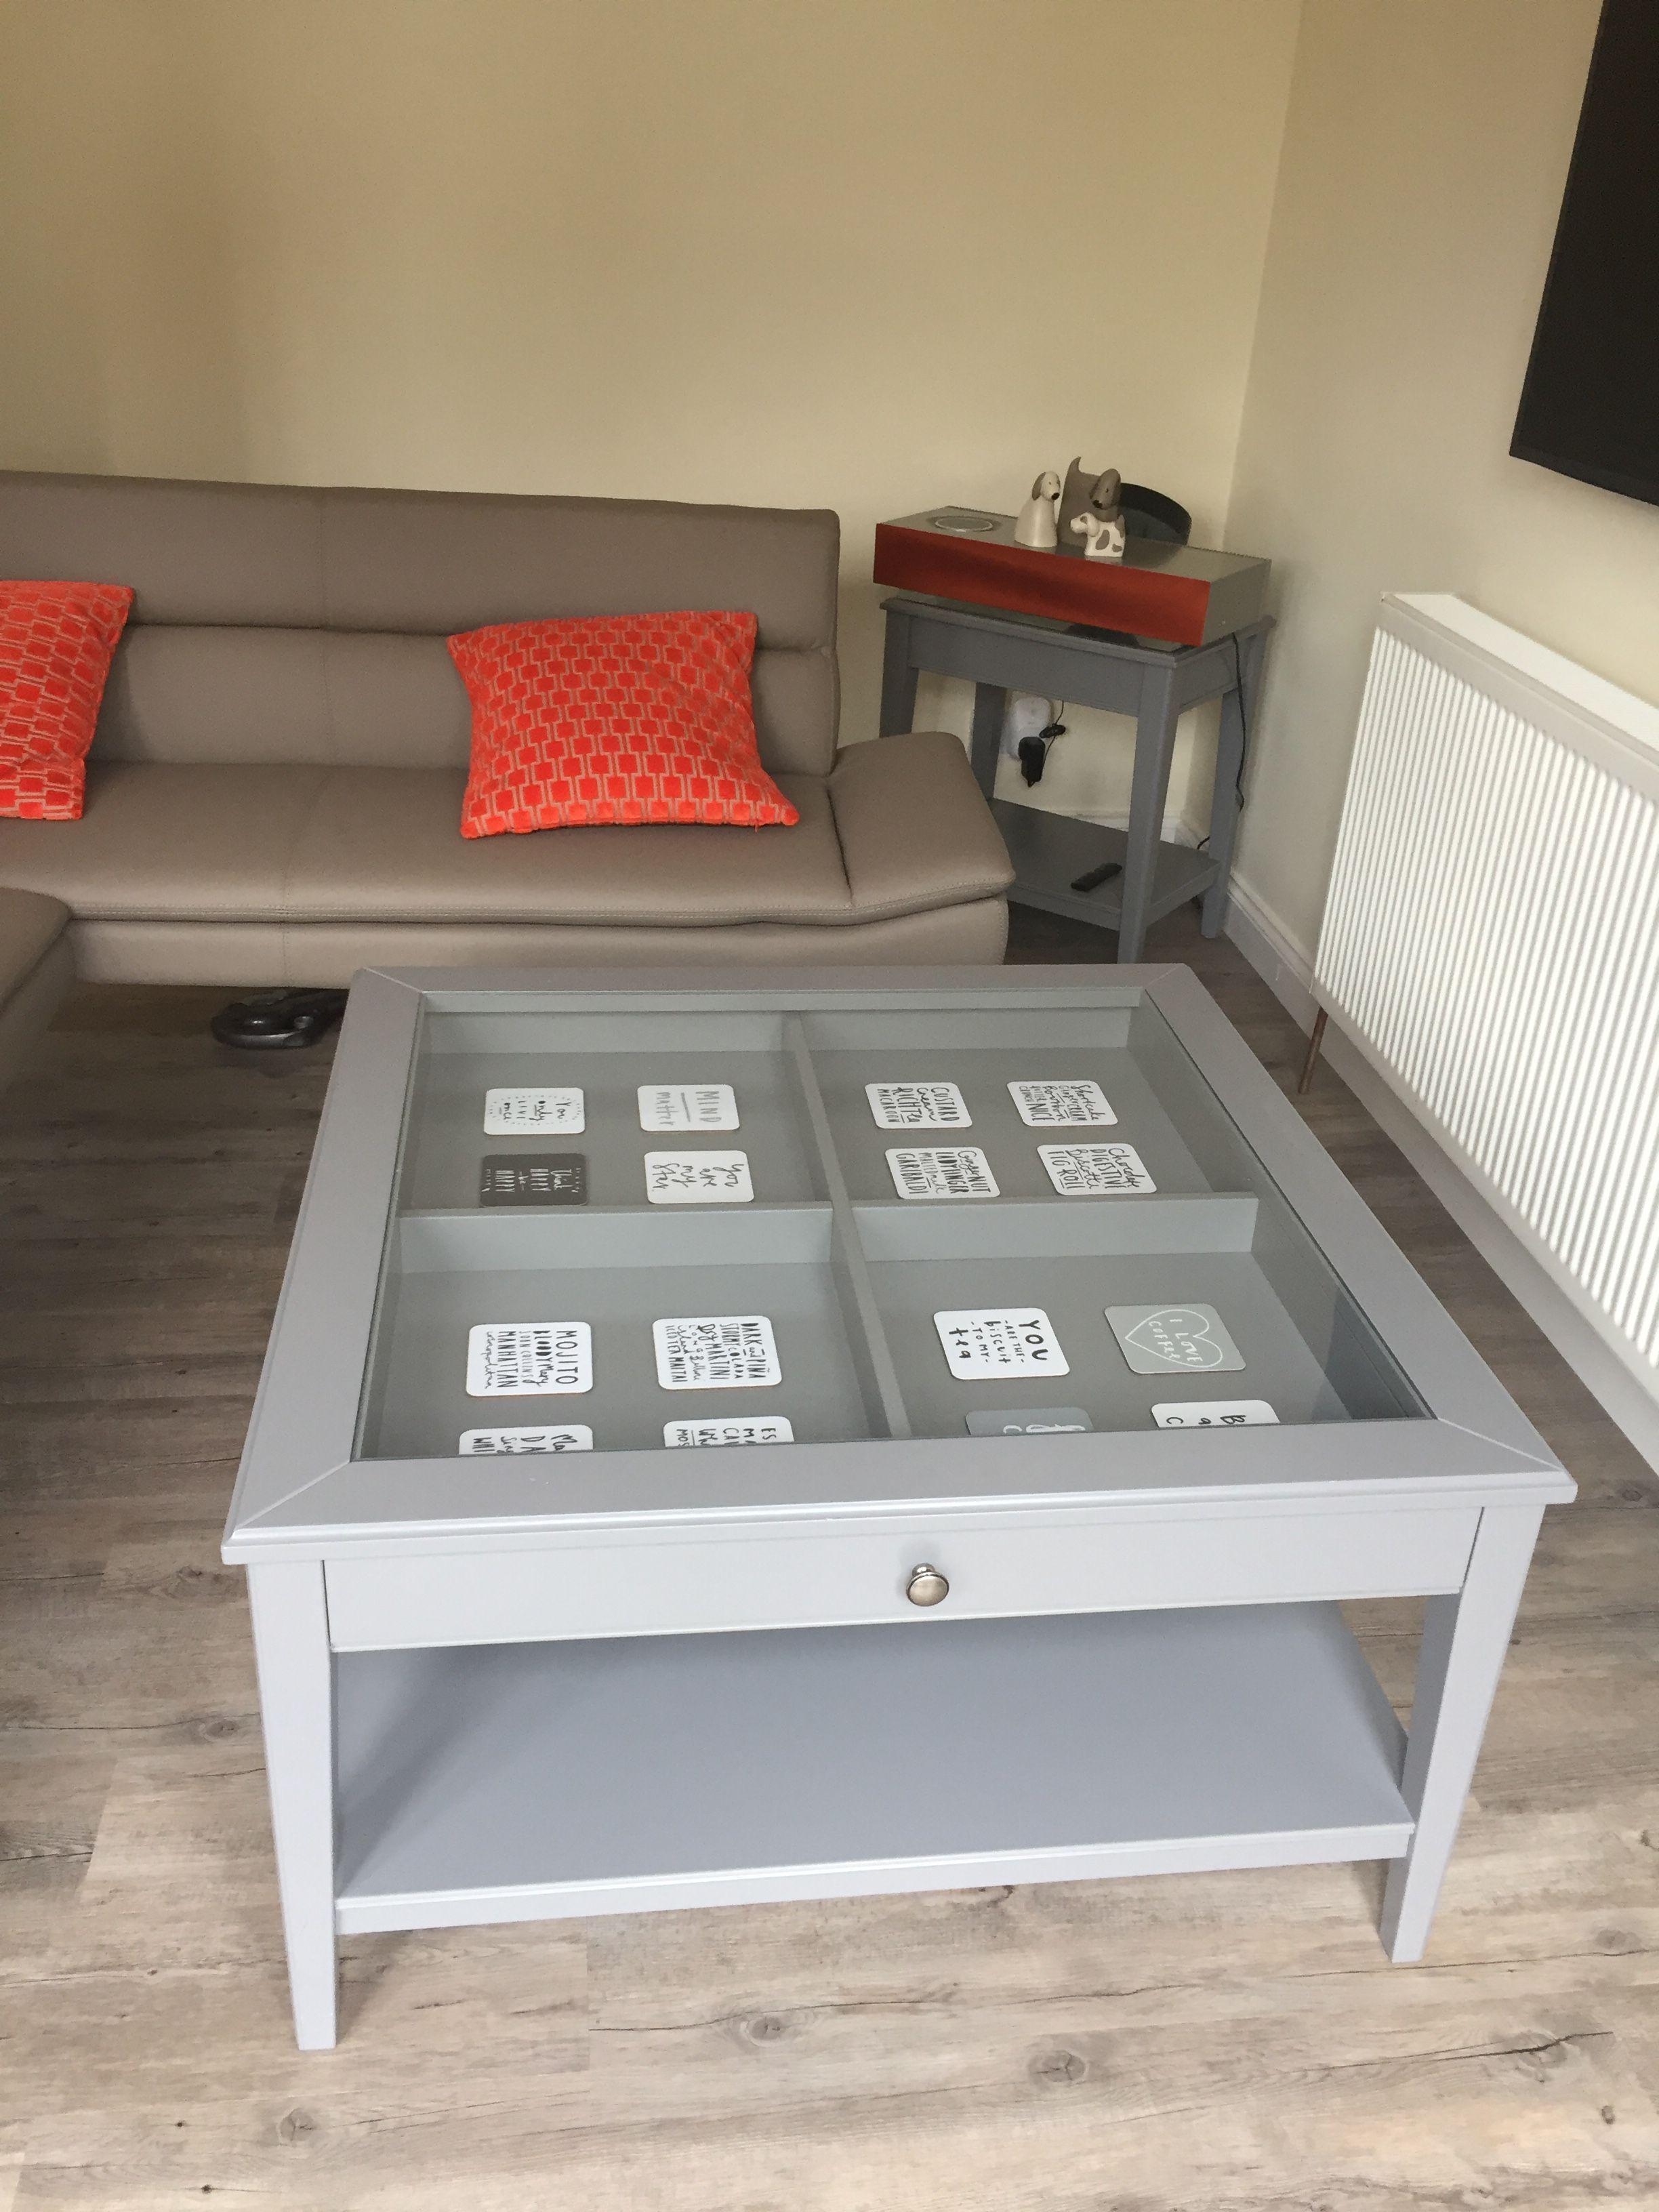 Livingroom Ikea Coffee Table Living Room Coffee Table Ikea Living Room [ 1632 x 1132 Pixel ]